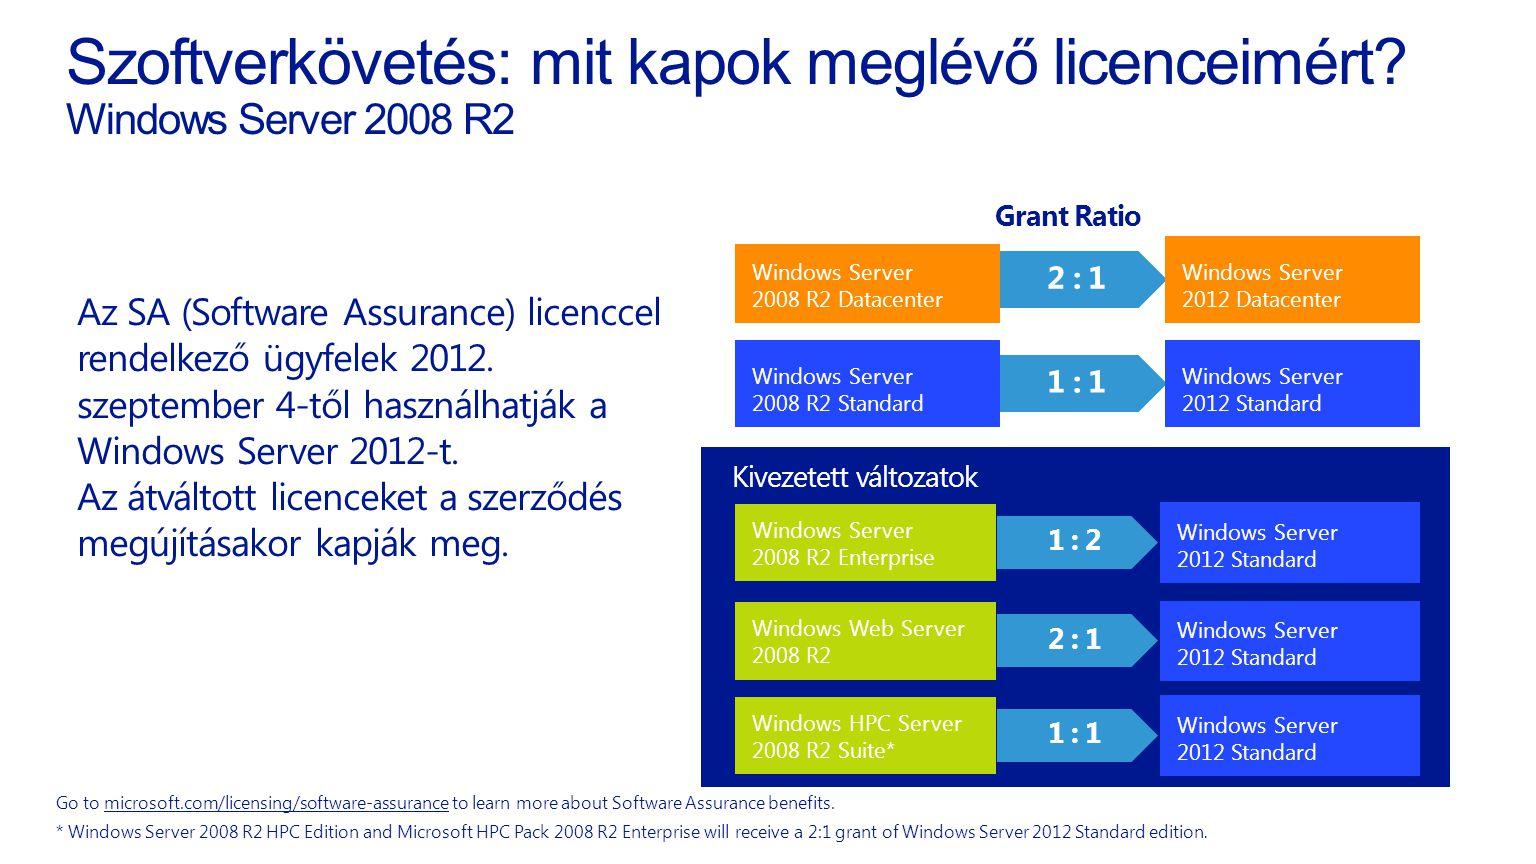 Szoftverkövetés: mit kapok meglévő licenceimért Windows Server 2008 R2